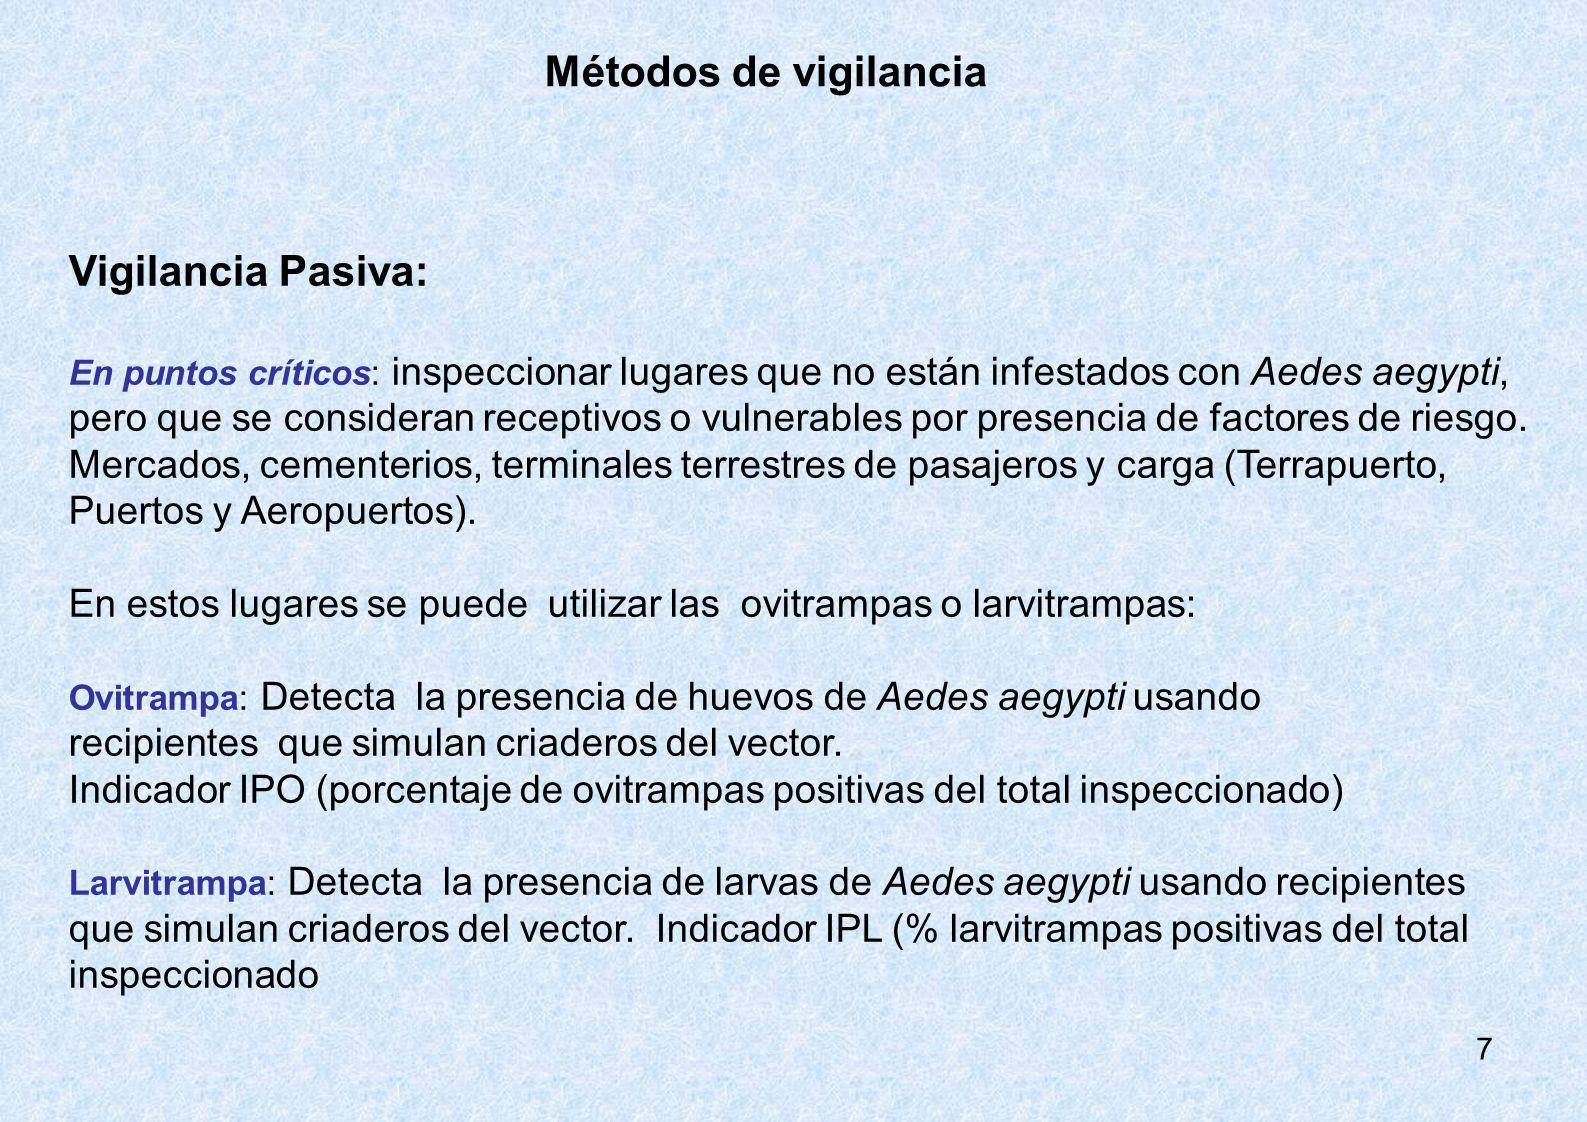 7 Métodos de vigilancia Vigilancia Pasiva: En puntos críticos: inspeccionar lugares que no están infestados con Aedes aegypti, pero que se consideran